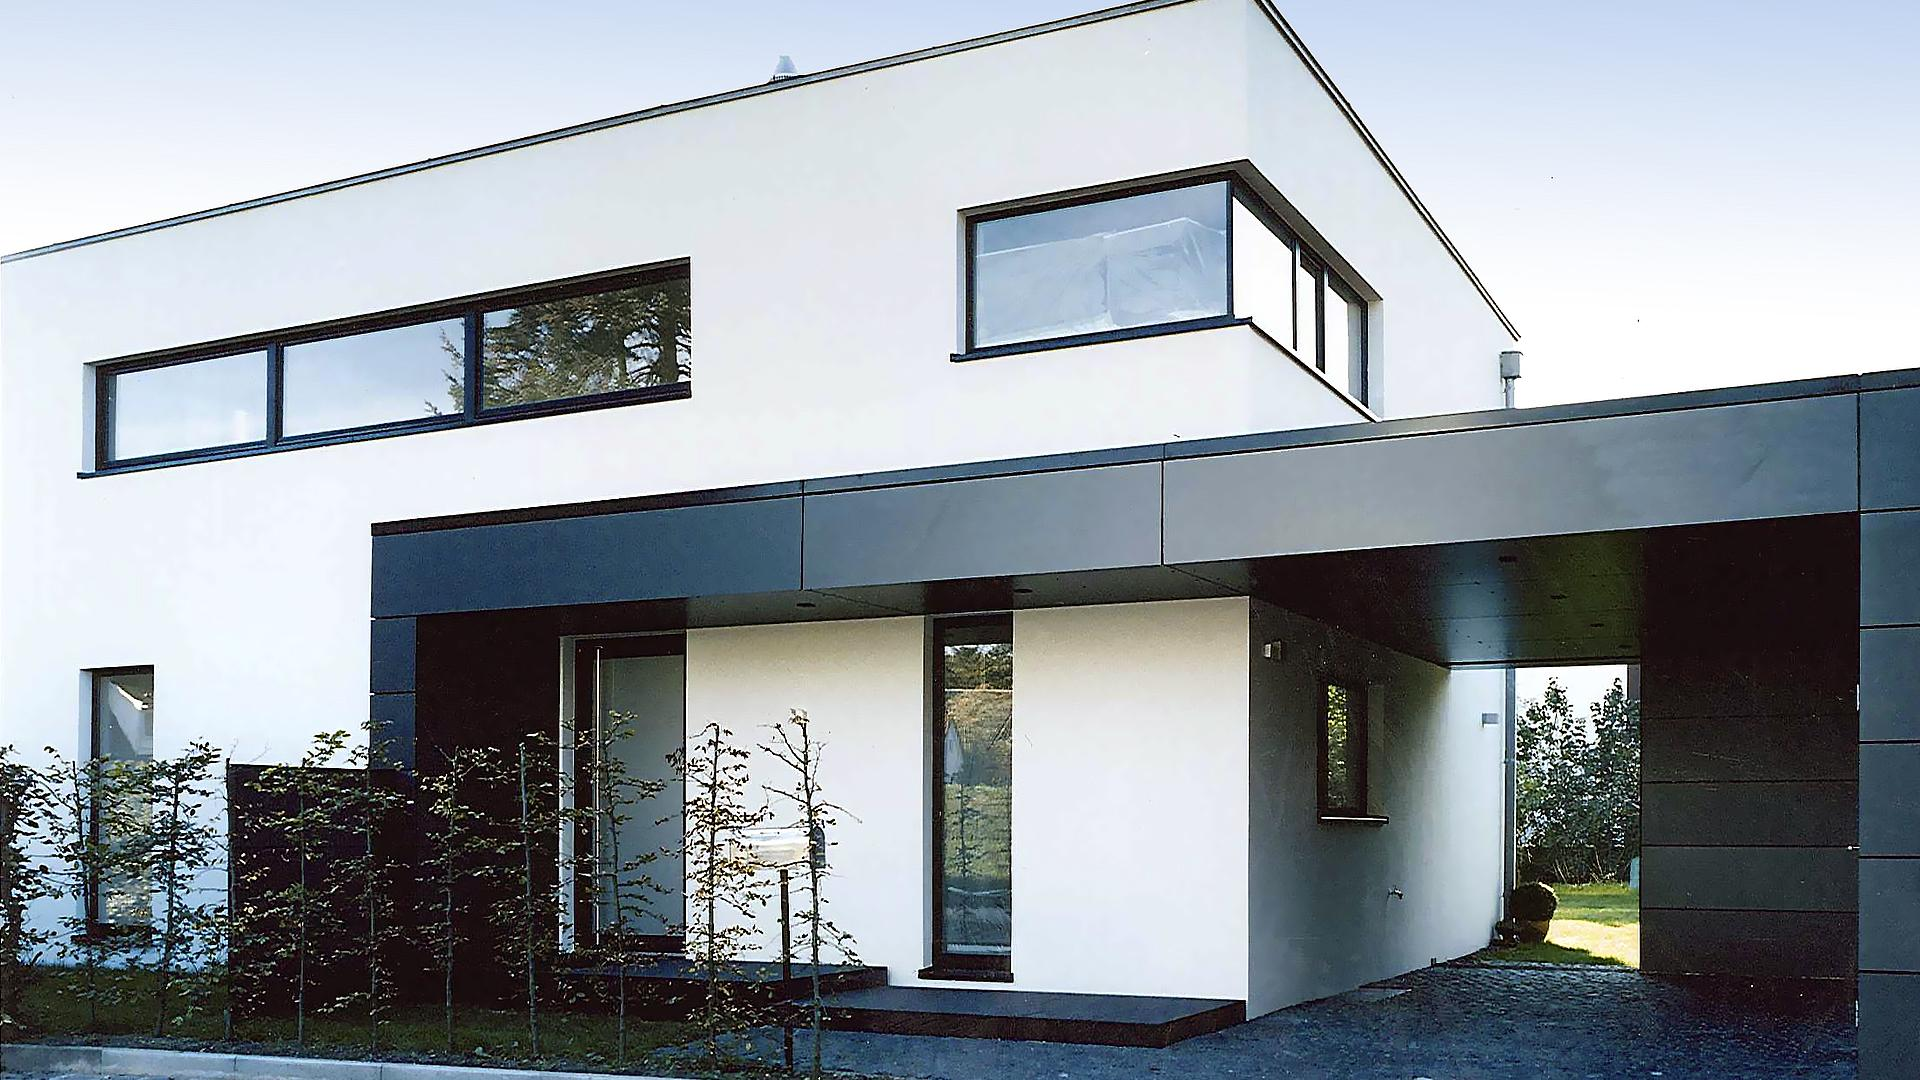 Neuerrichtung Planung Und Neubau Einfamilienhaus Stadthaus Mit